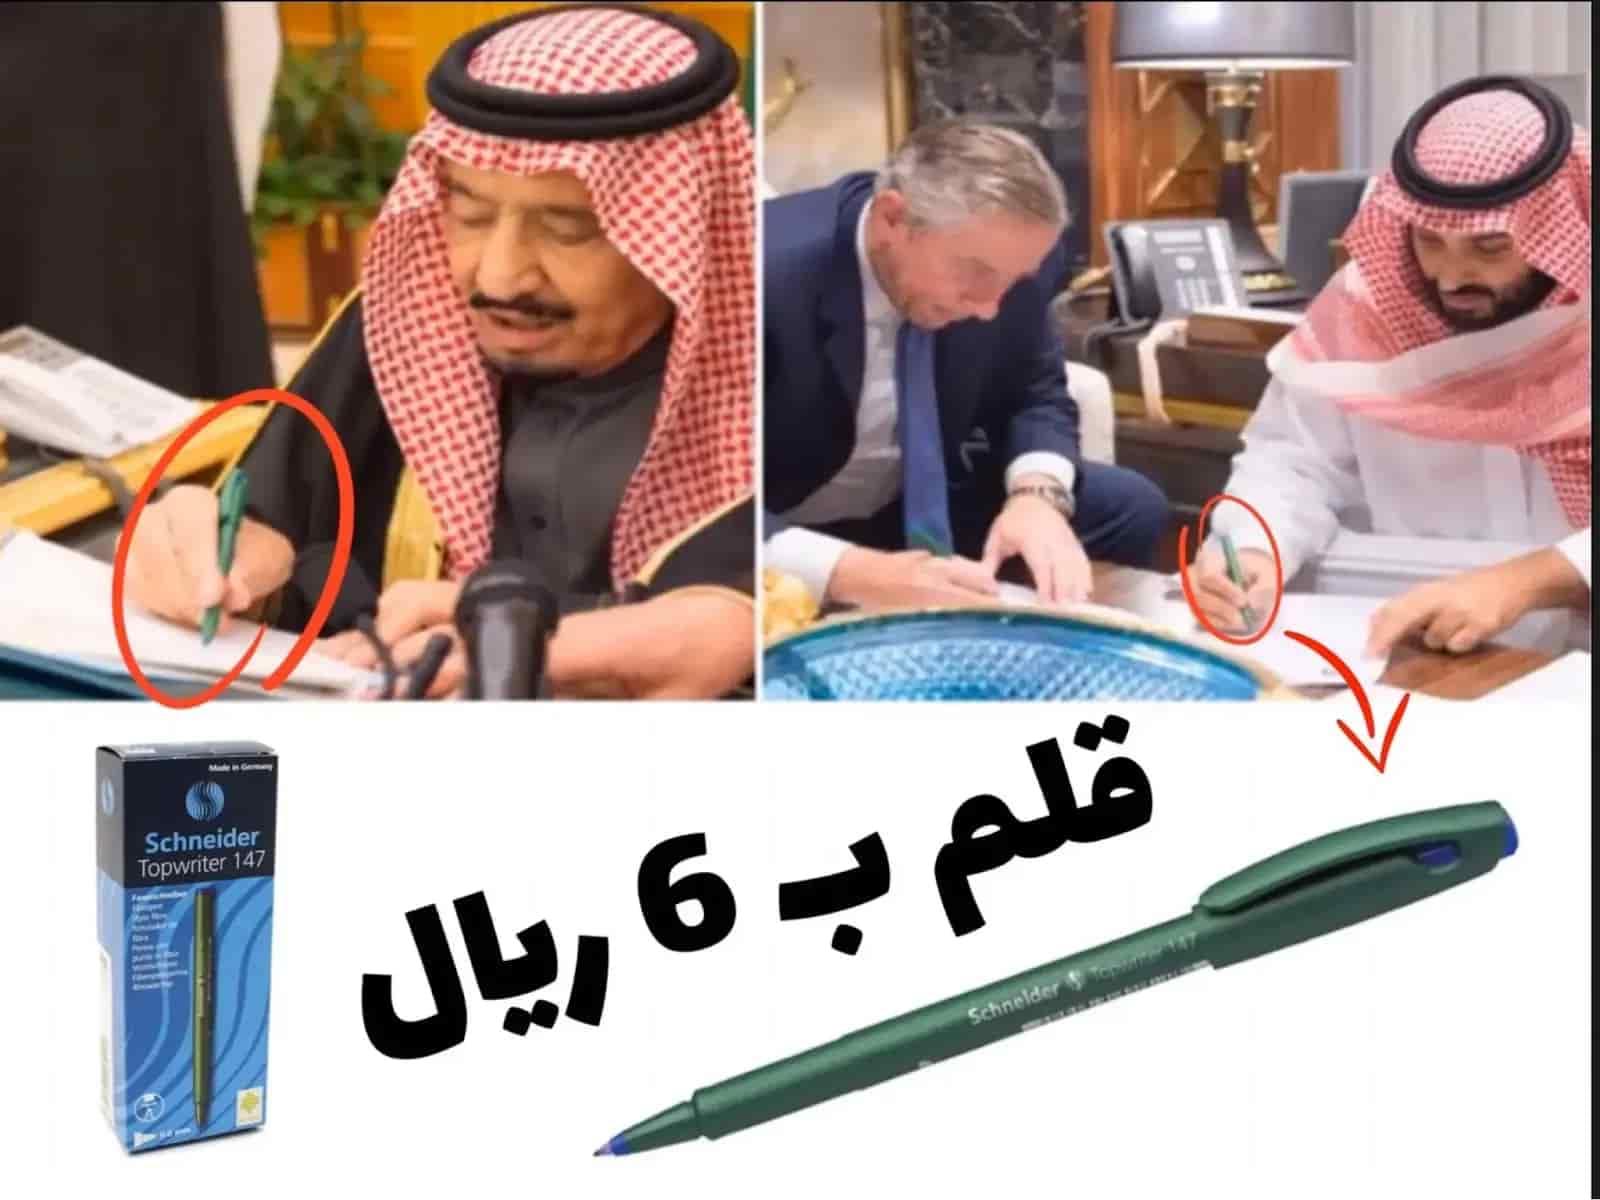 6 ريال هو سعر القلم الذي يستخدمه ملك السعودية وولي العهده